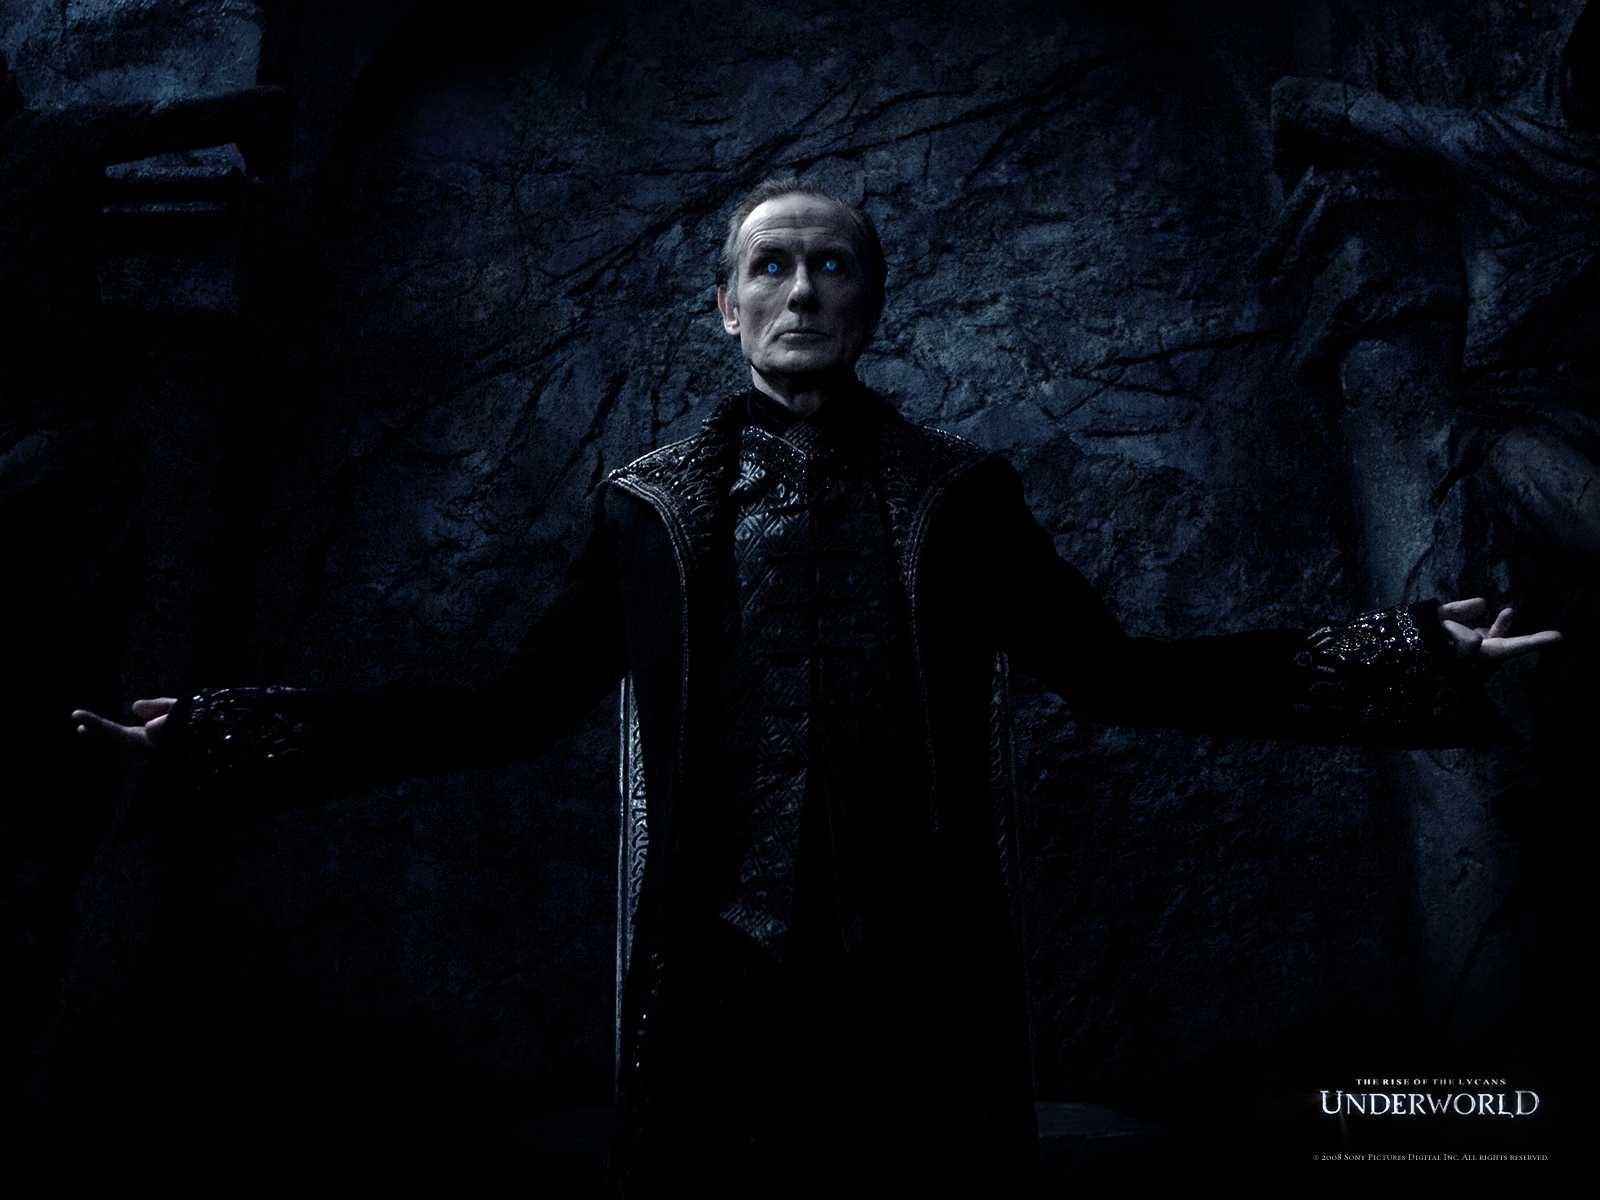 Un wallpaper del film Underworld: La ribellione dei Lycans con Bill Nighy